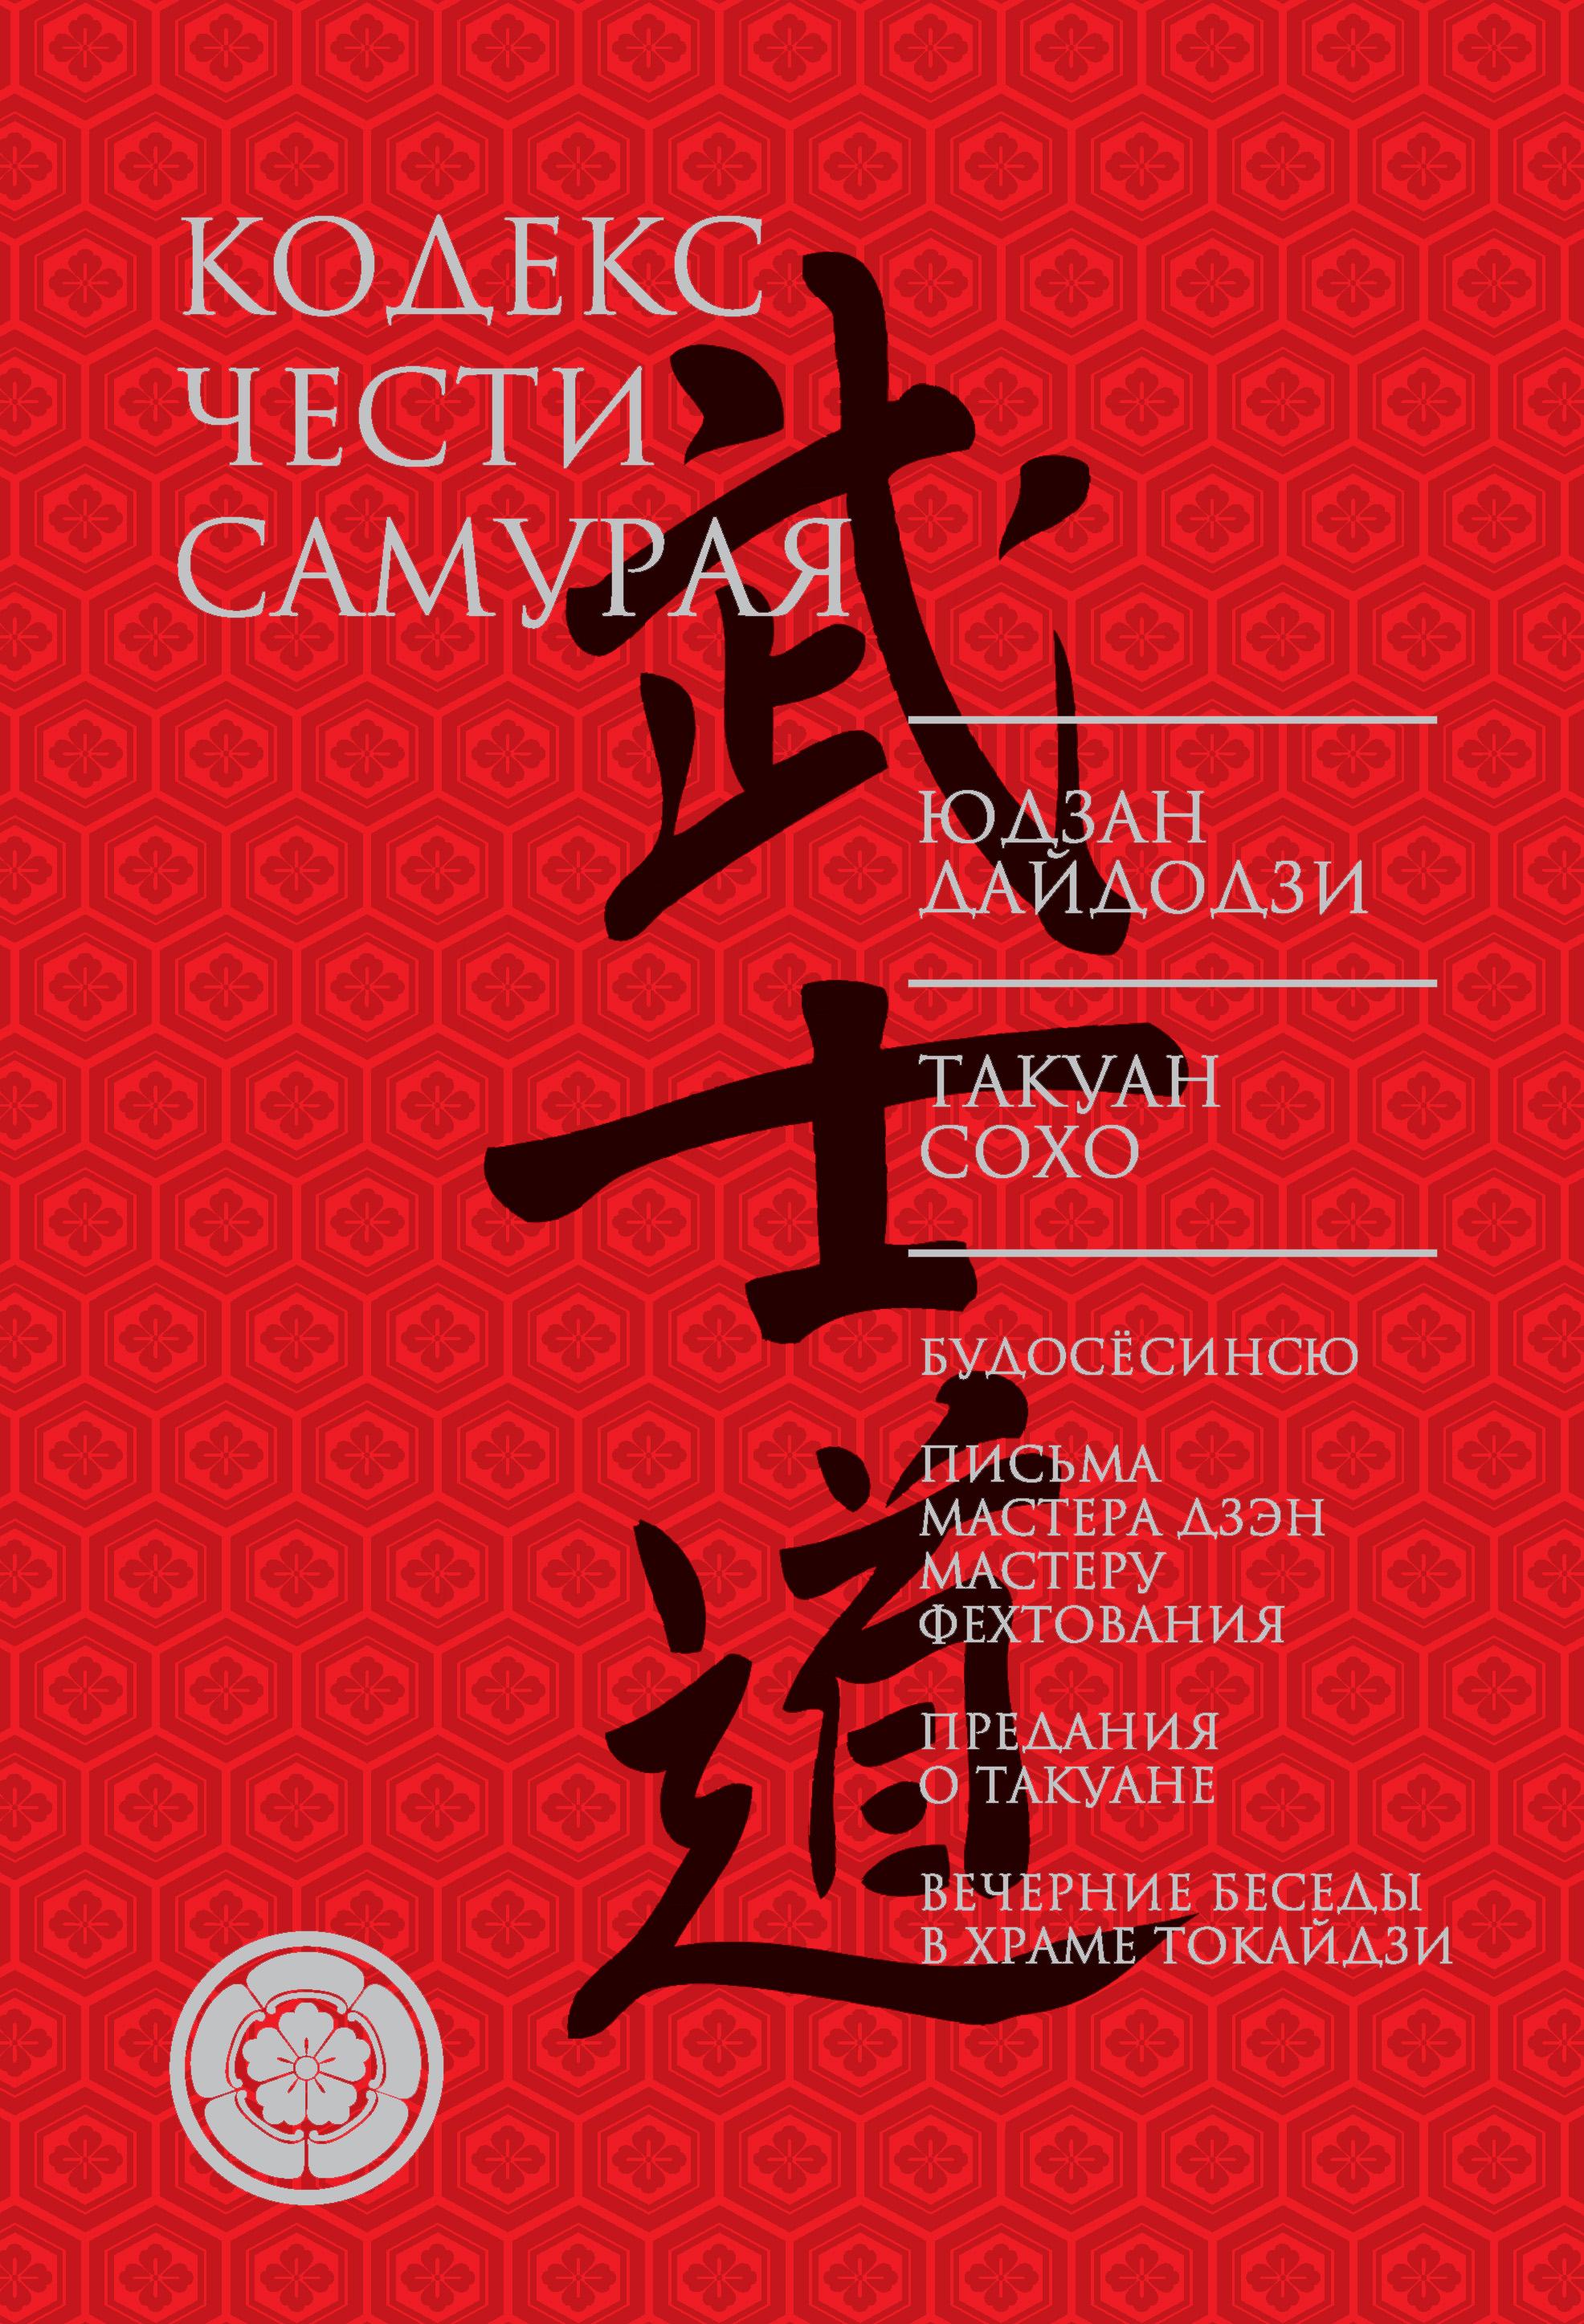 Юдзан Дайдодзи Кодекс чести самурая (сборник) нитобэ и бусидо душа японии кодекс чести самурая